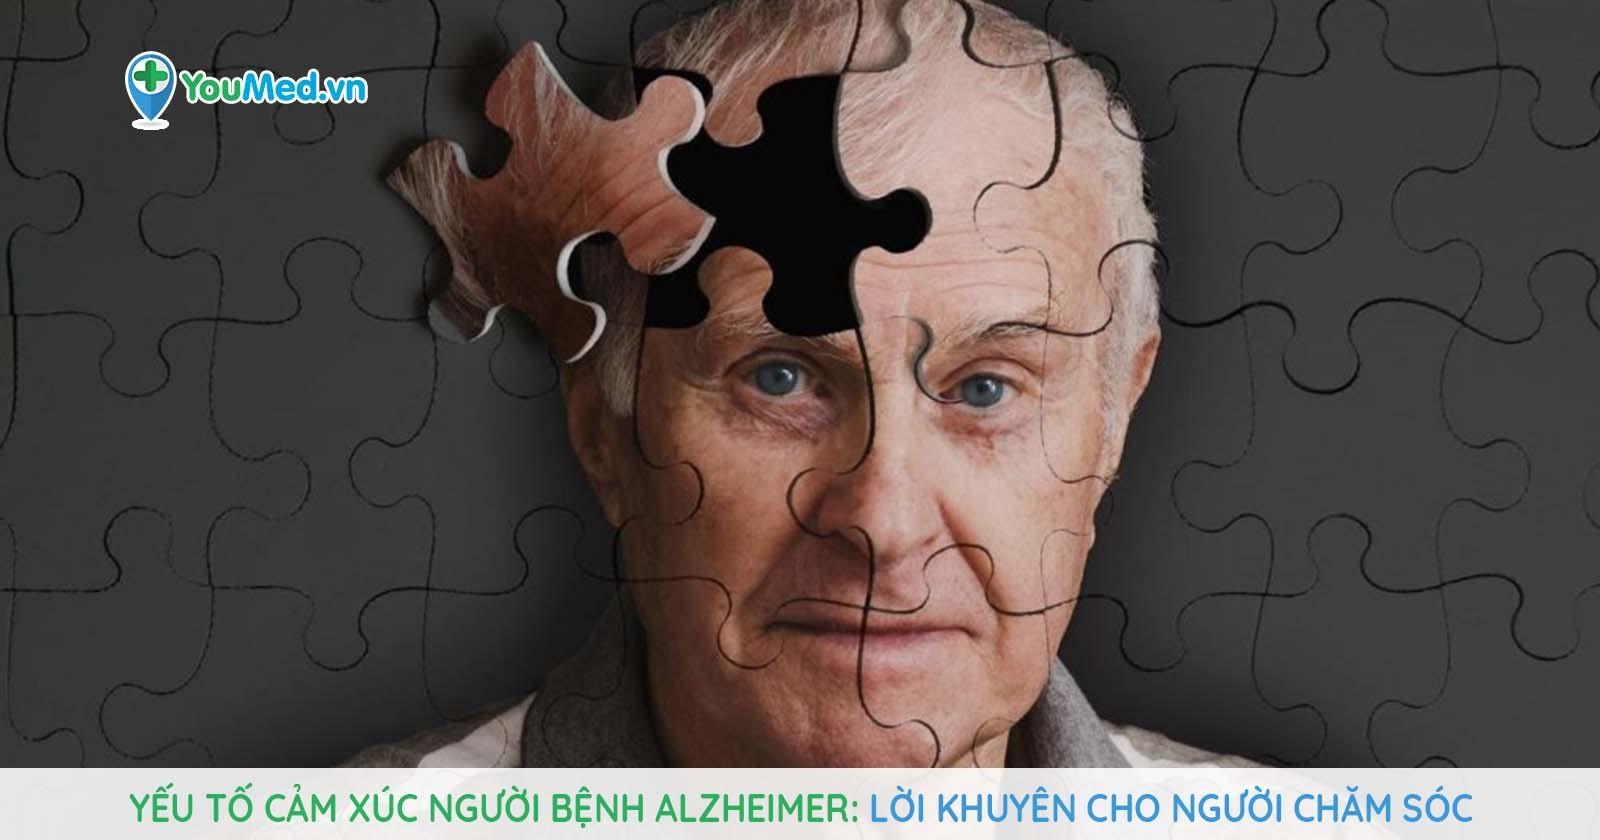 Yếu tố cảm xúc người bệnh Alzheimer: Lời khuyên cho người chăm sóc